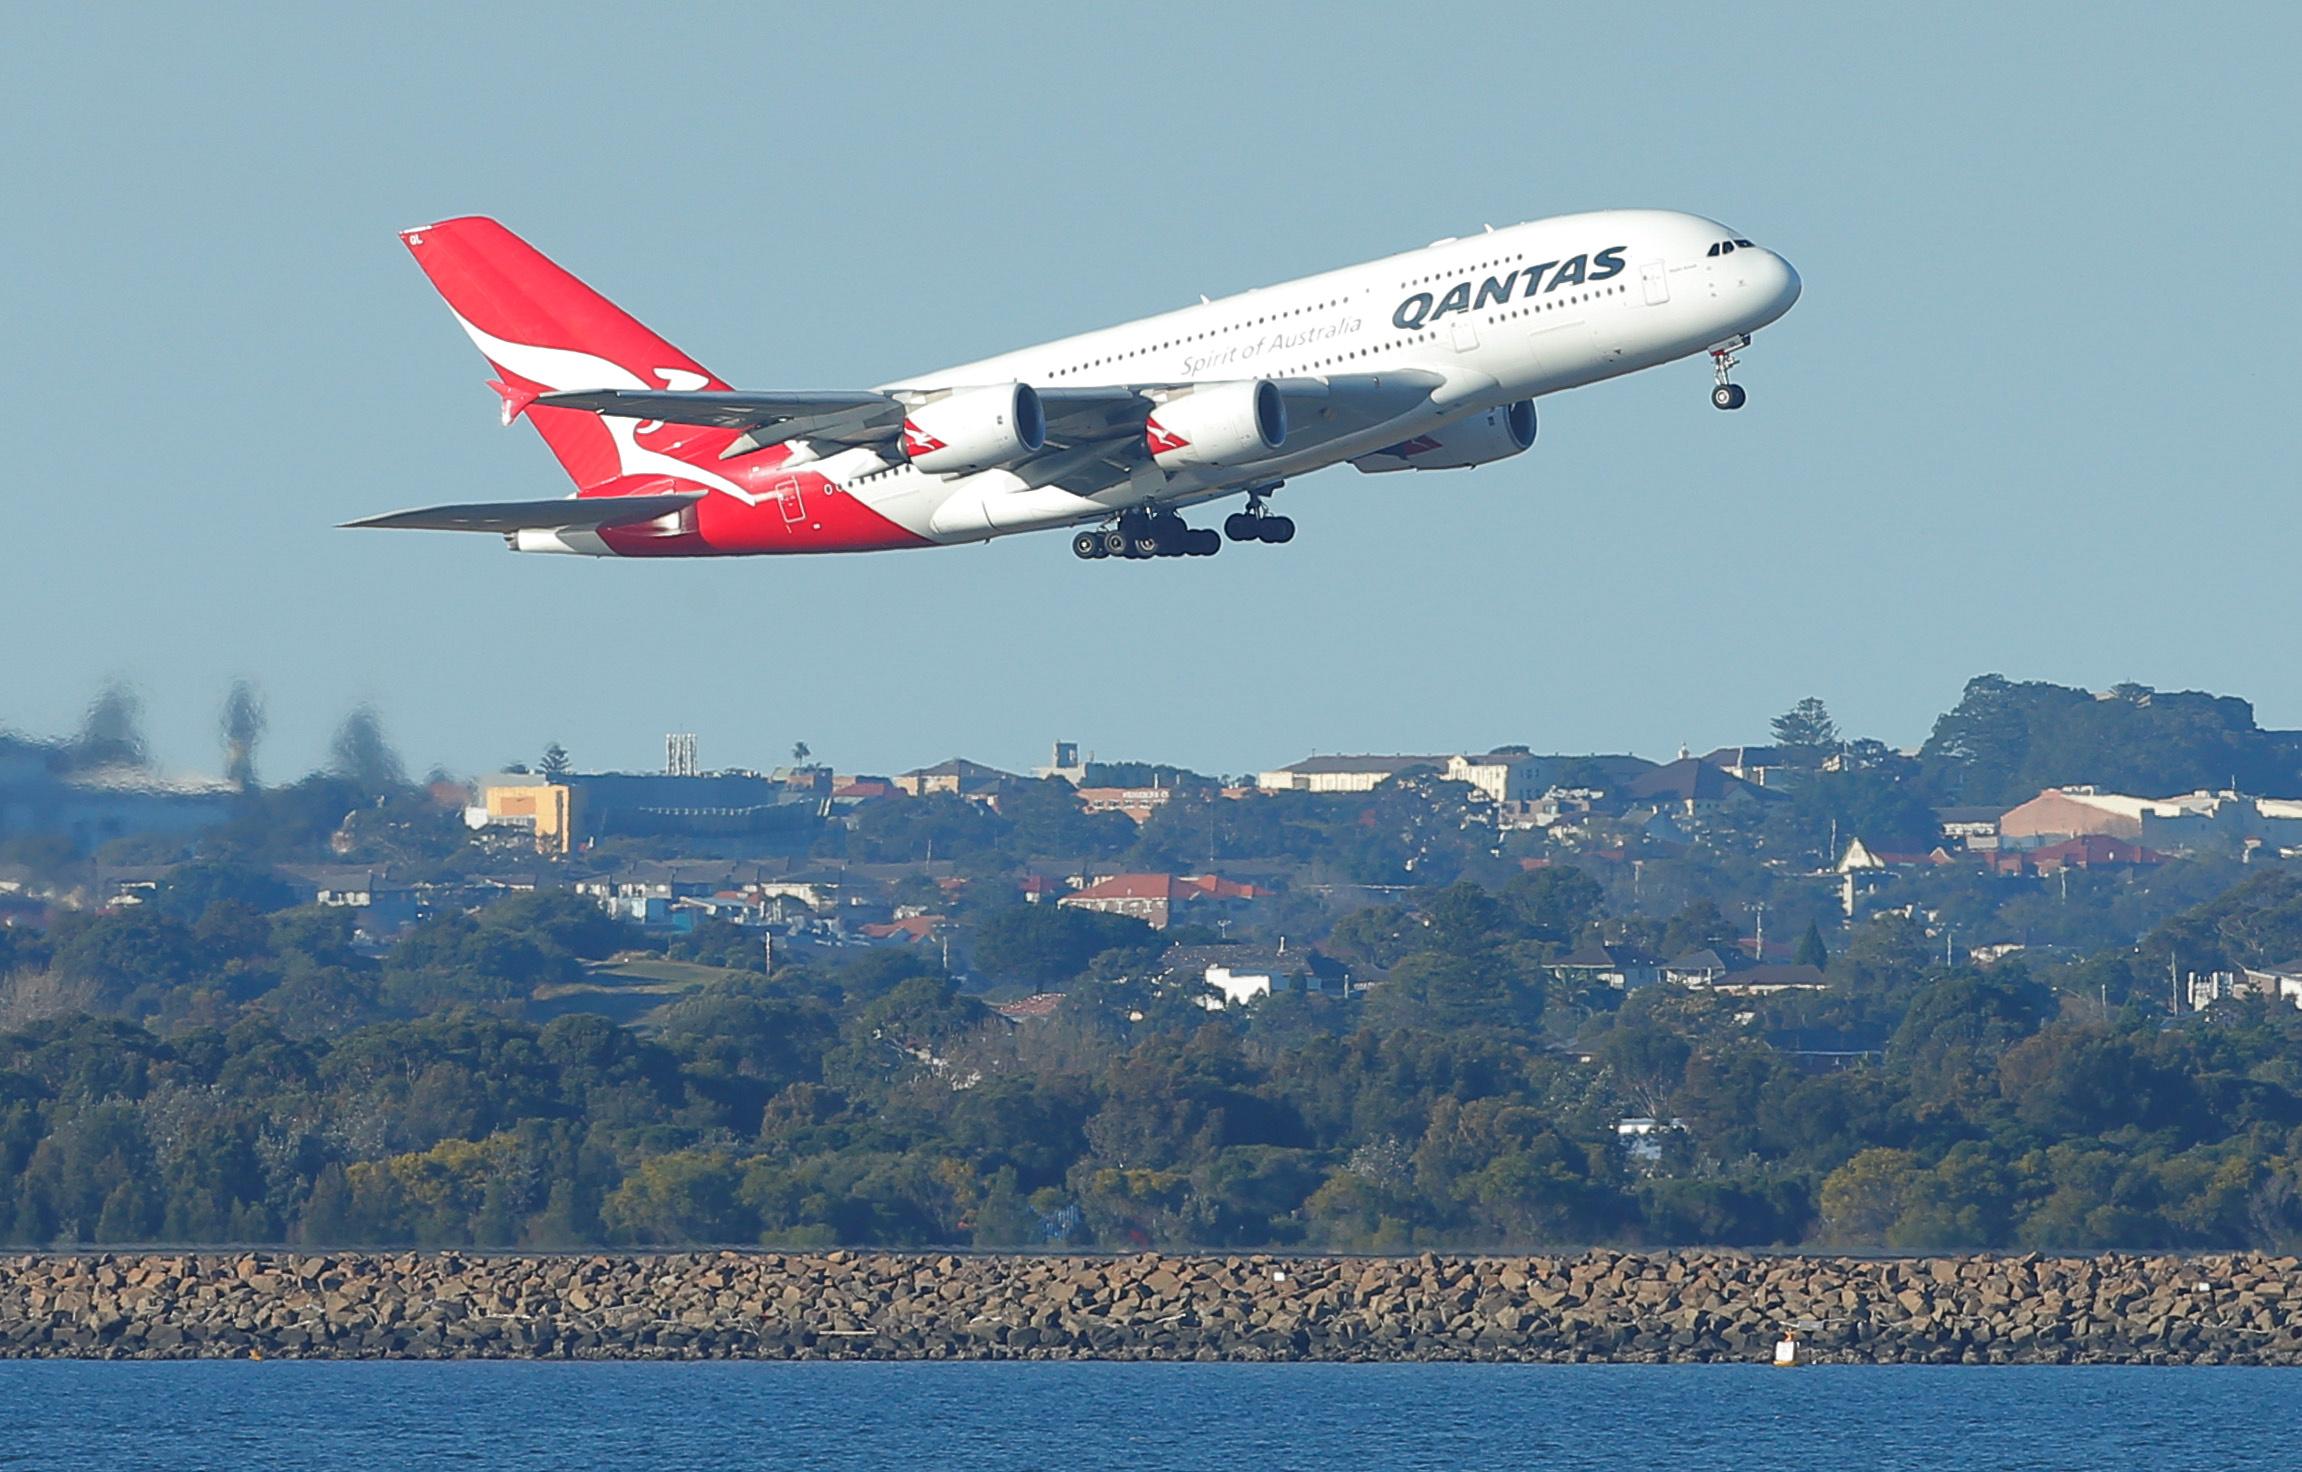 qantas-signe-le-deuxieme-meilleur-benefice-annuel-de-son-histoire